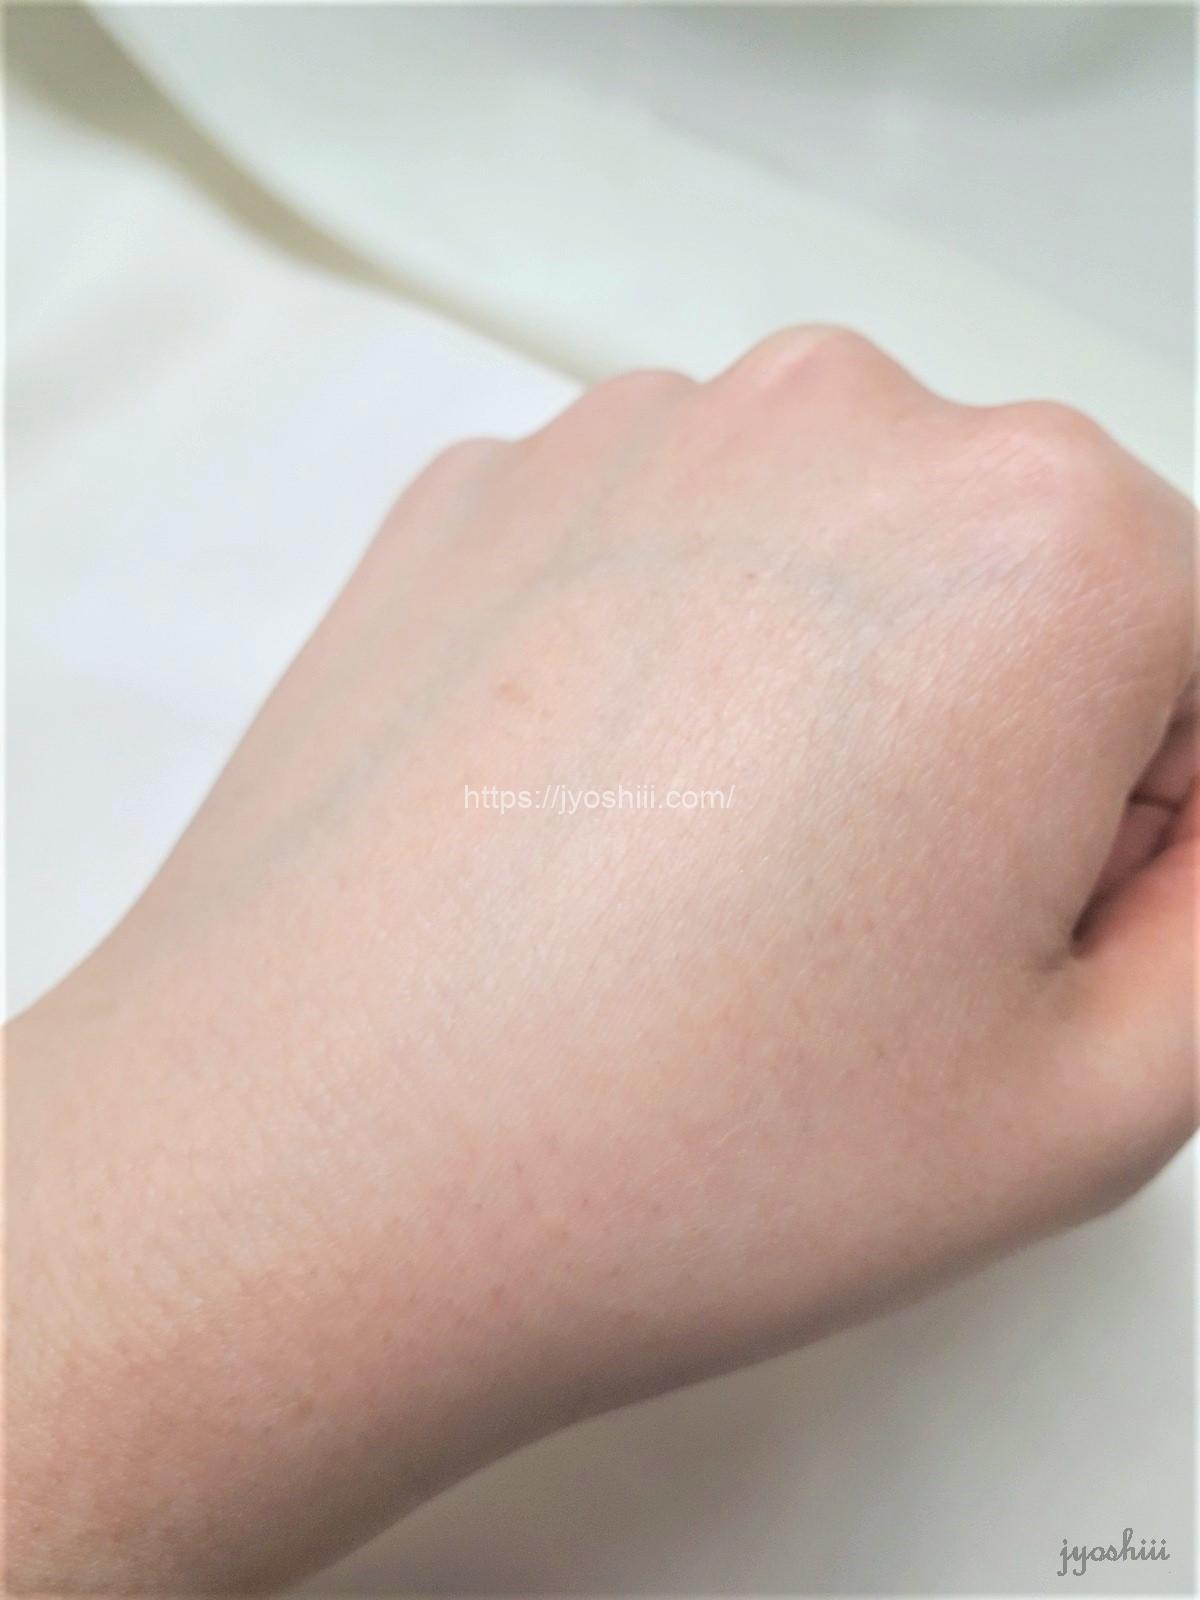 スチームクリーム微香料タイプのレビュー保湿力